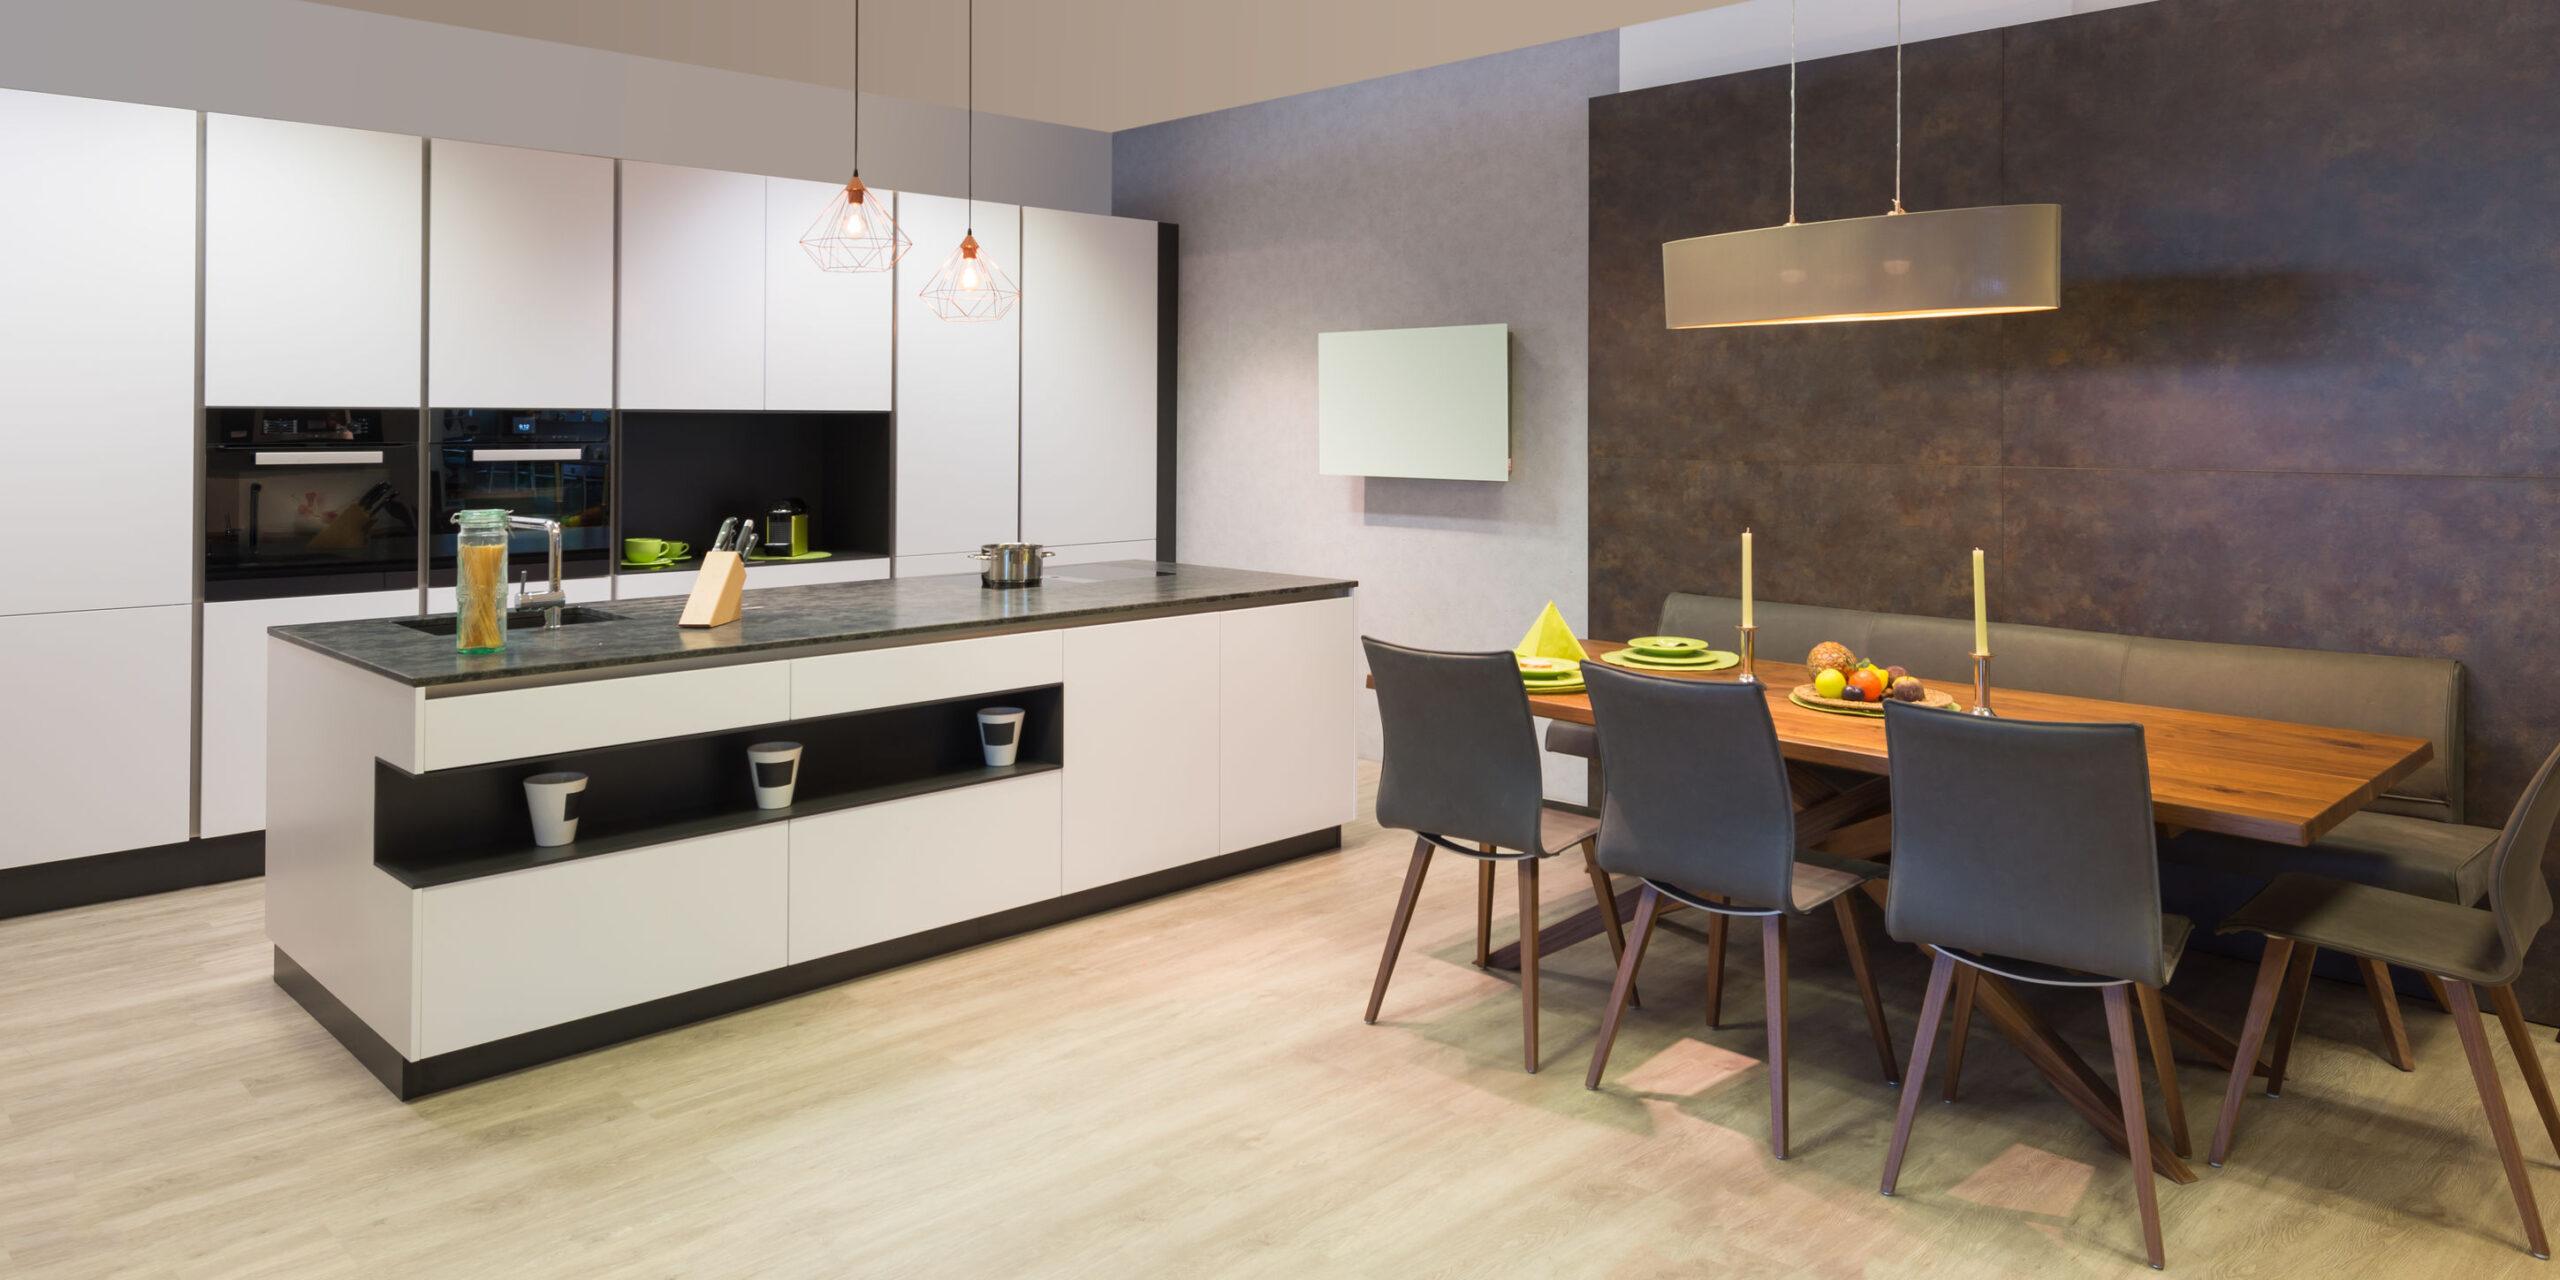 kitchen remodeling Chicagoland header